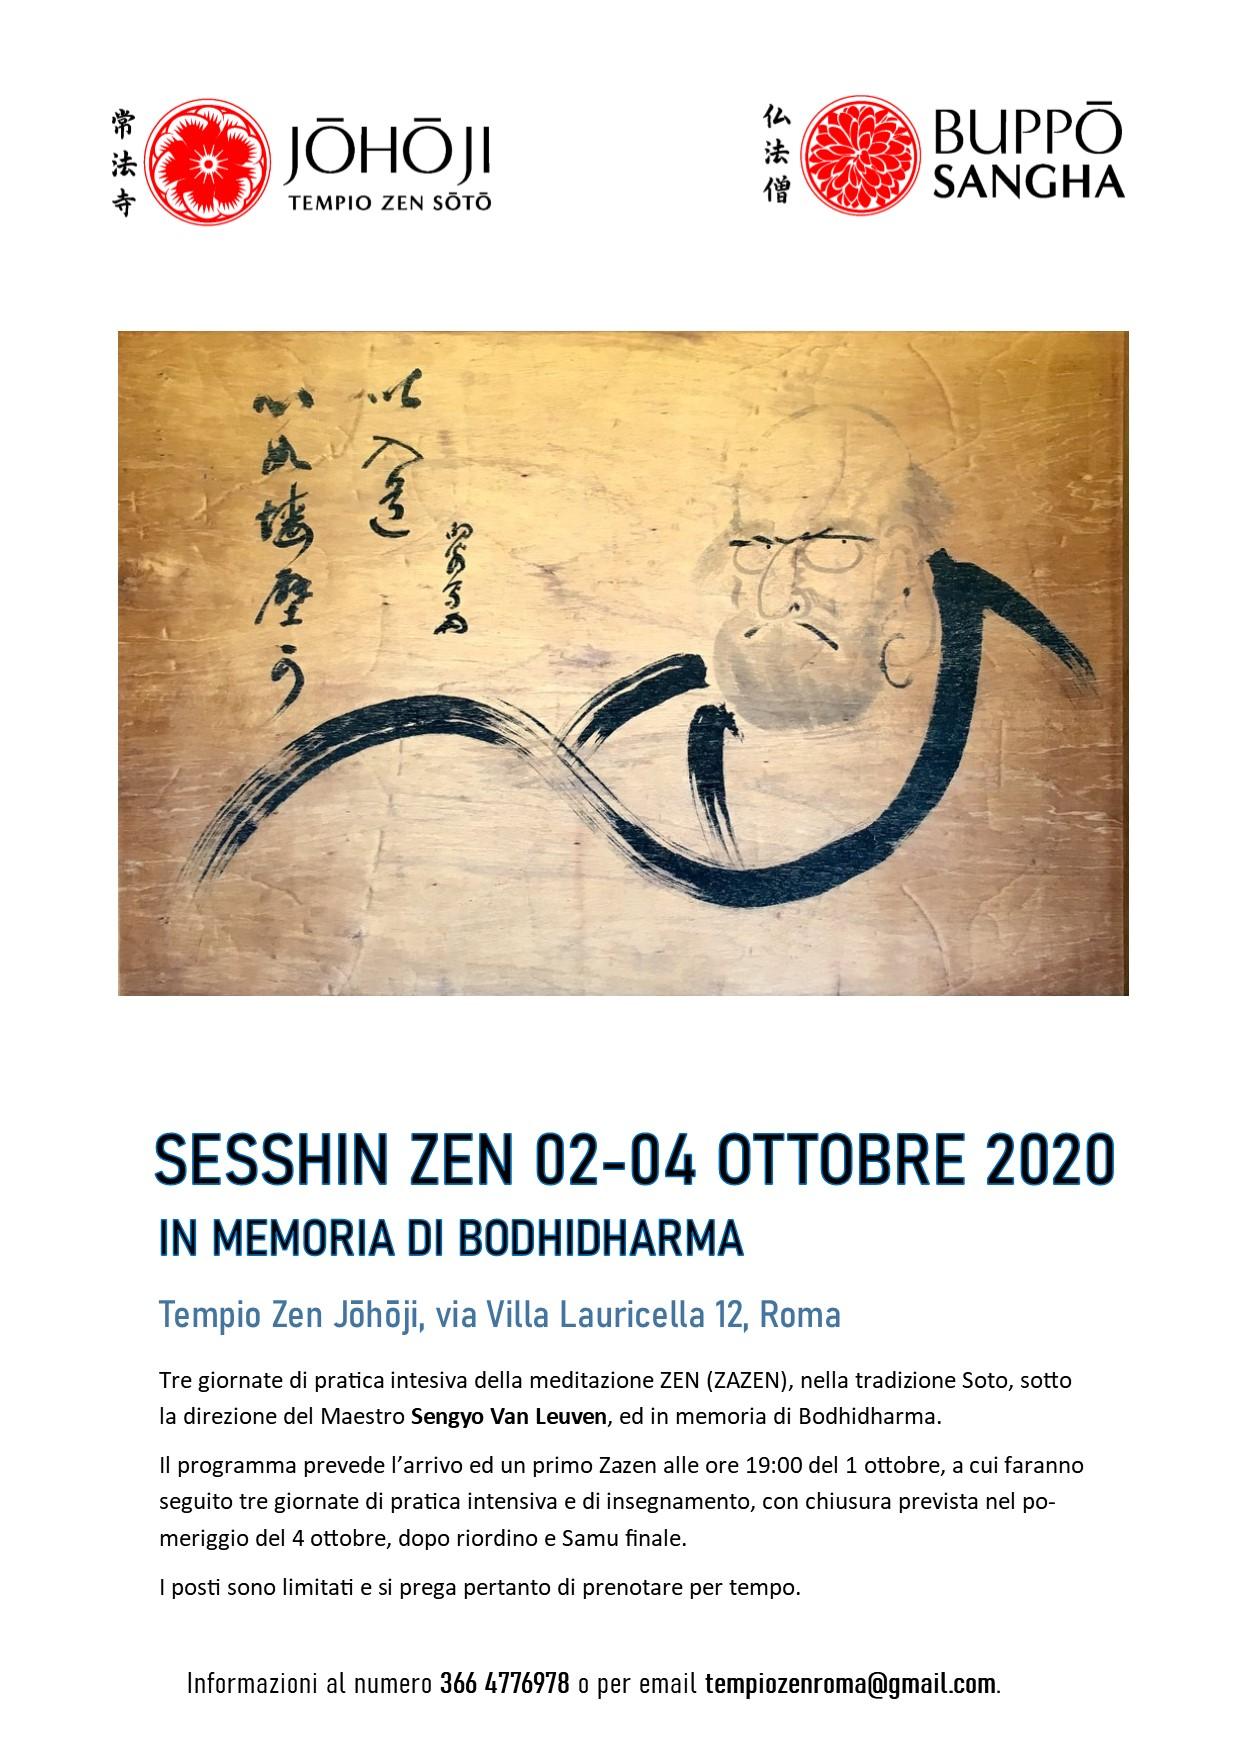 johoji sesshin zen zazen ottobre 2020